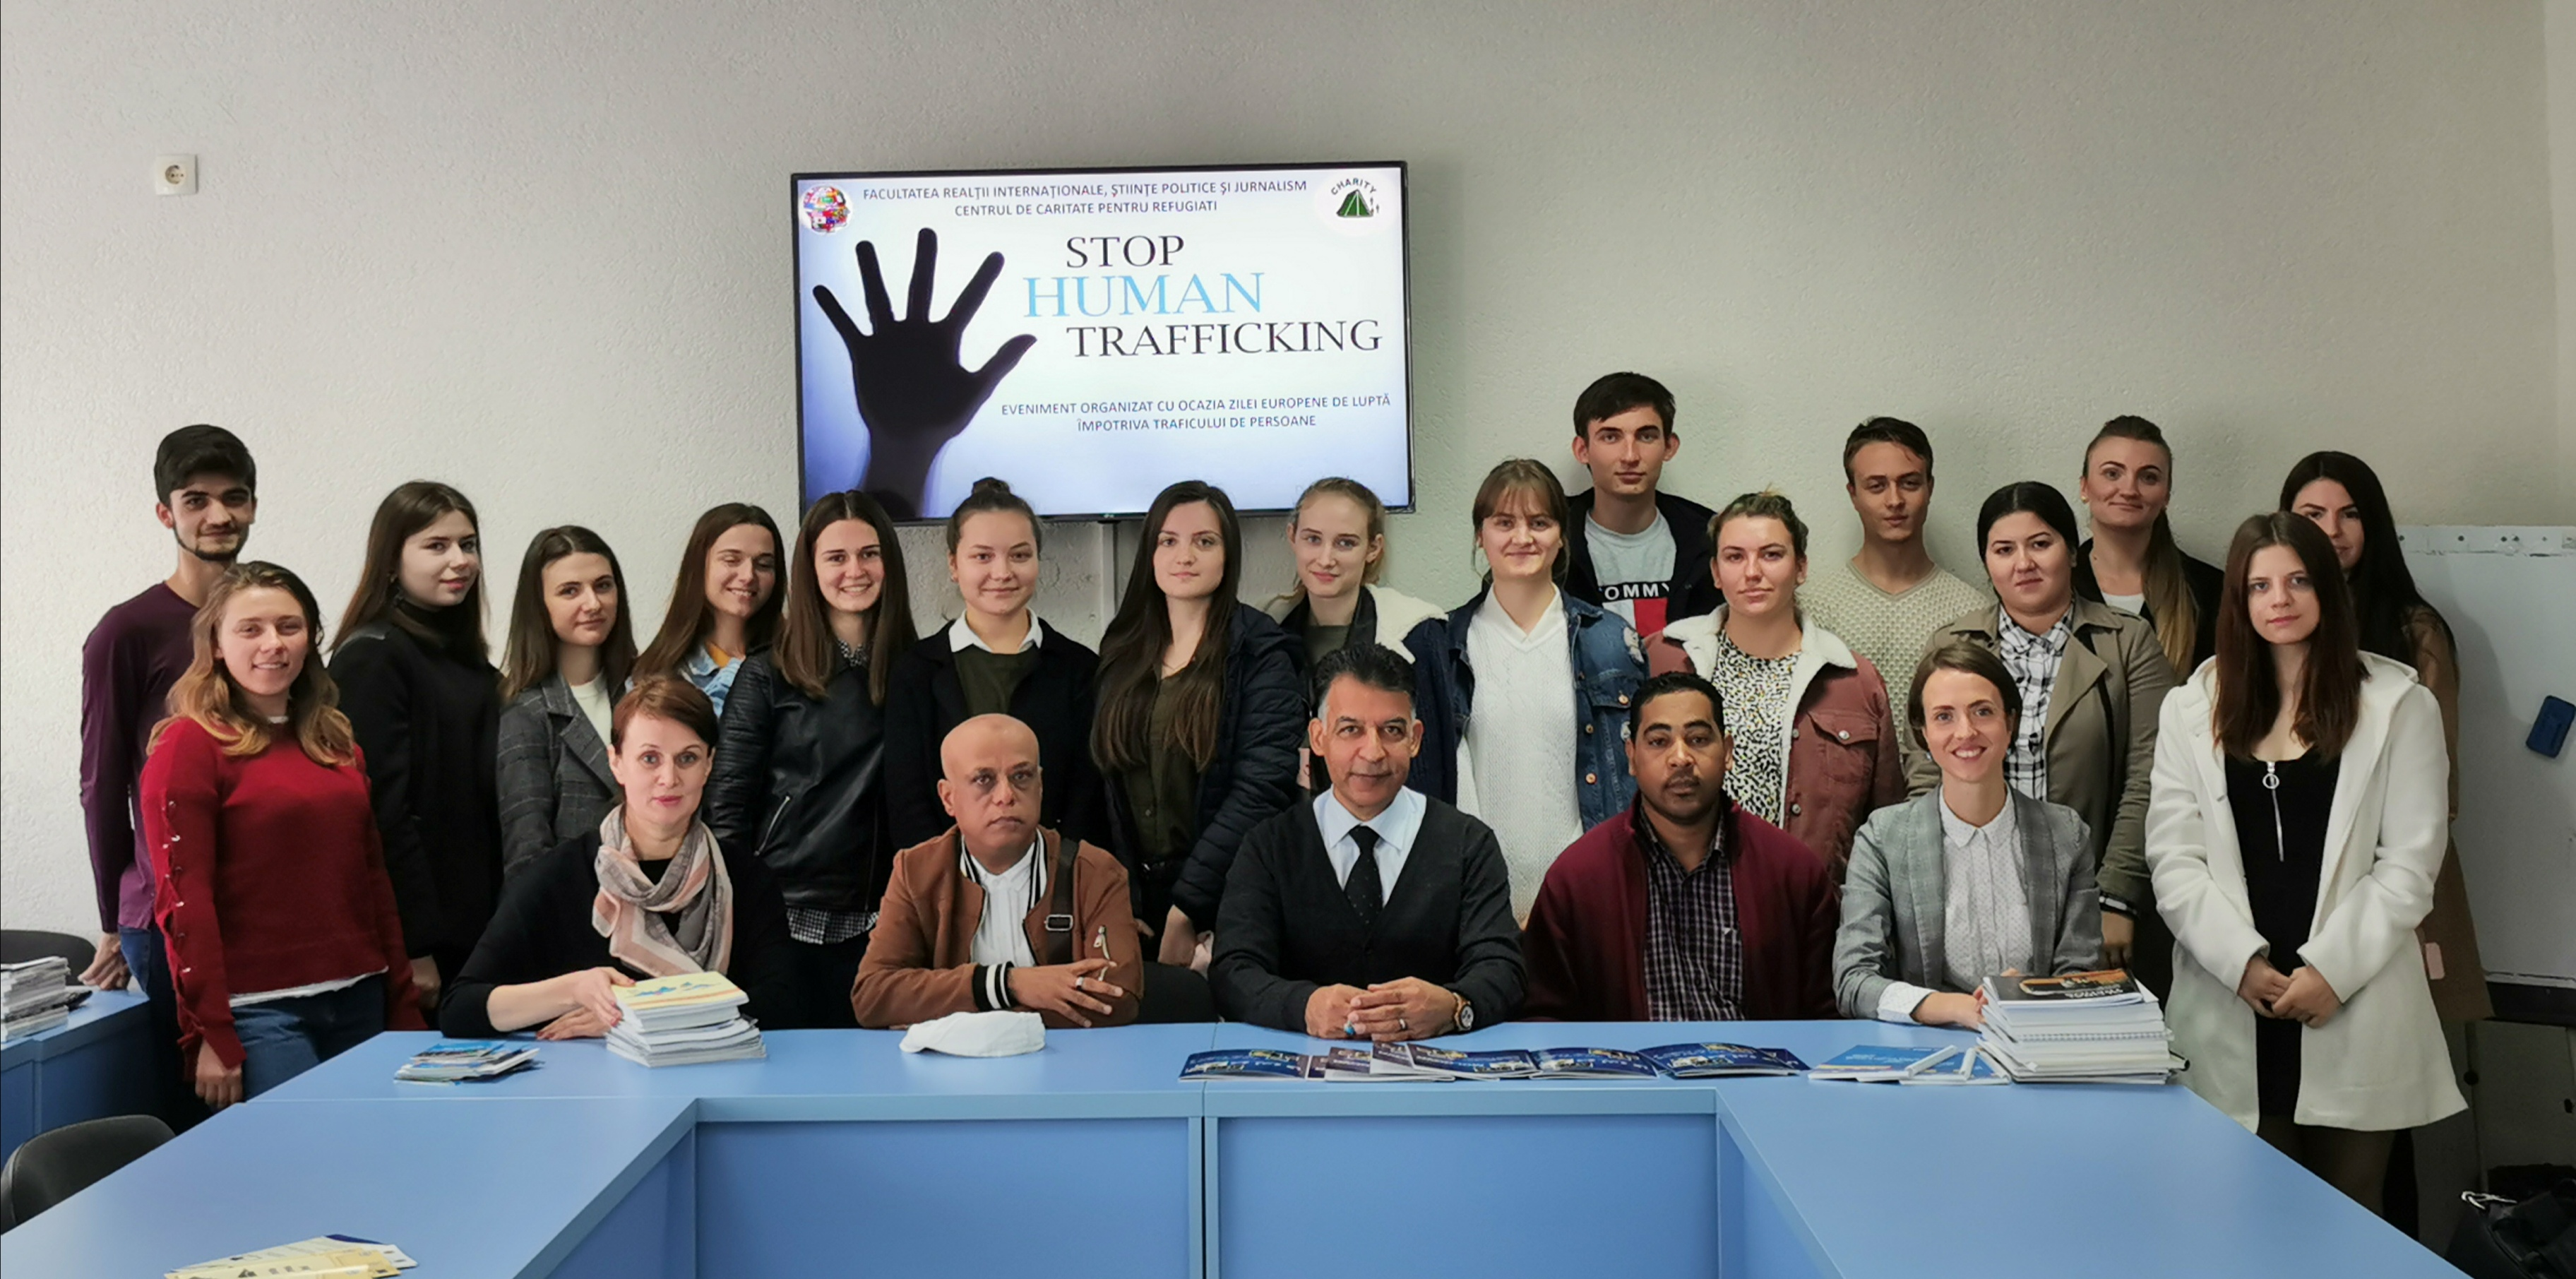 """Prelegere publică """"Stop traficului de ființe umane"""", susținută de Djavid Paknehad, directorul Centrului de Caritate pentru Refugiați"""